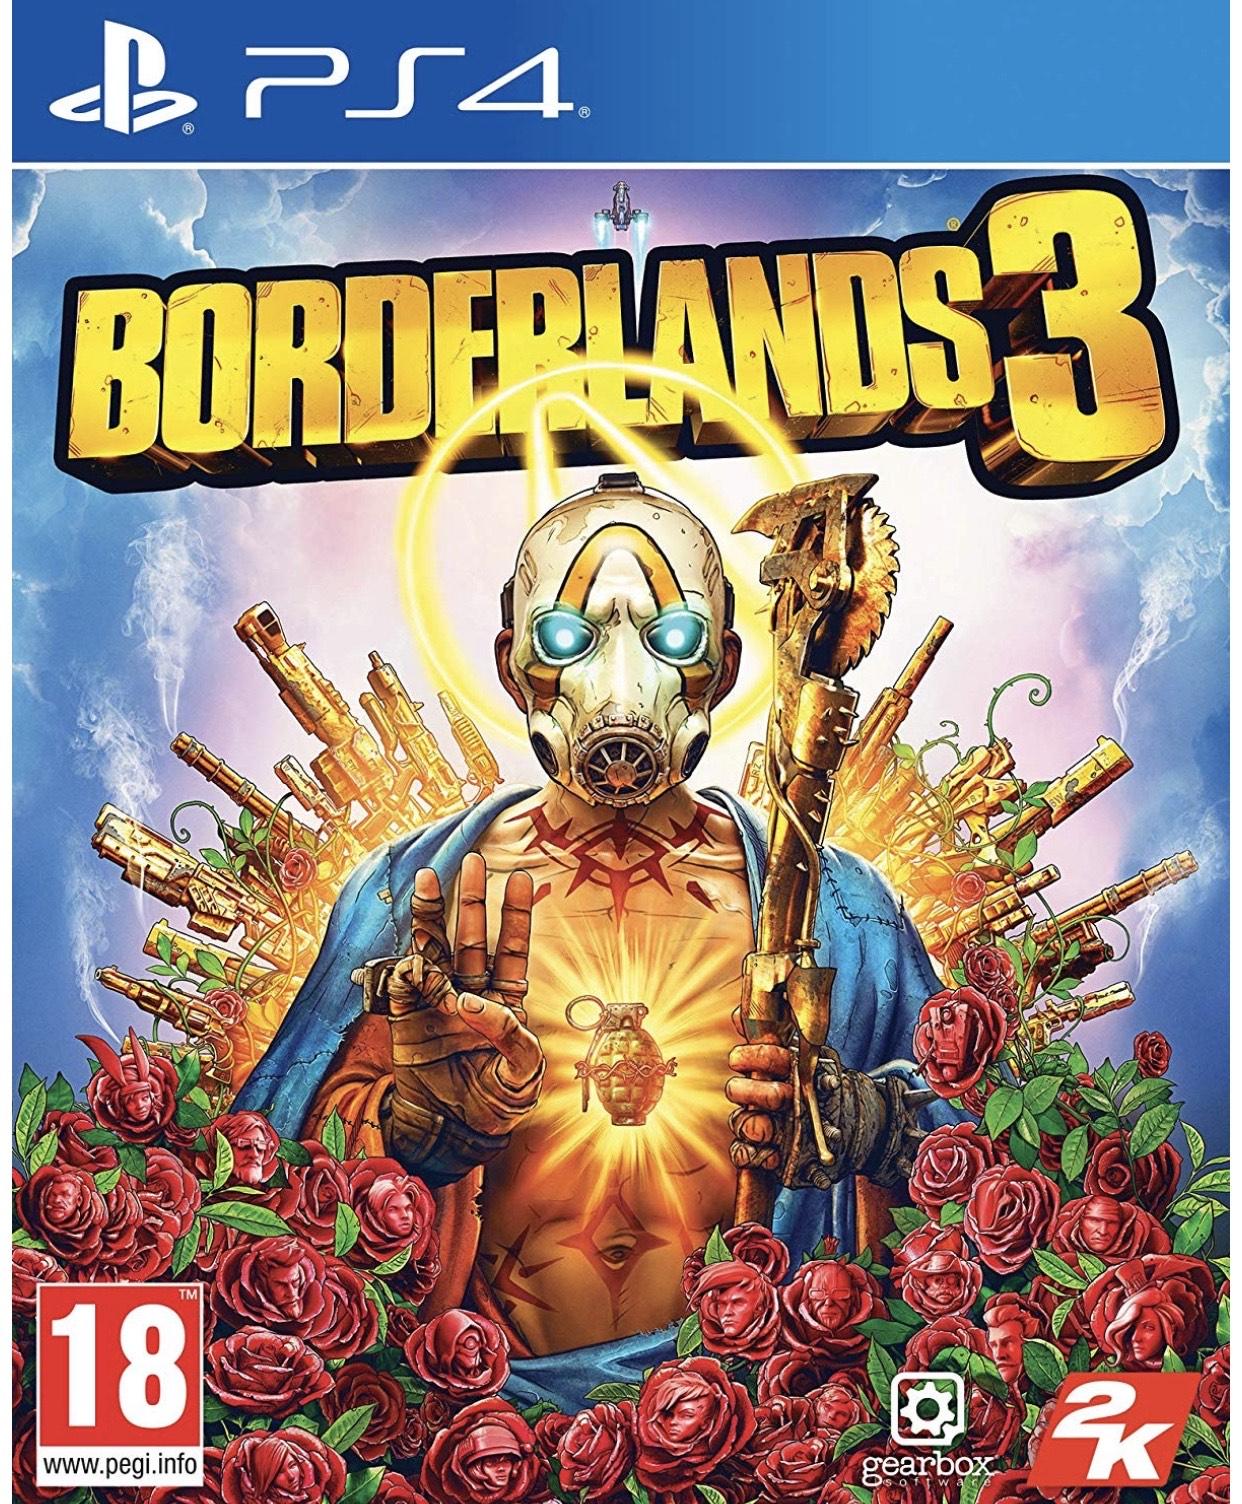 Borderlands 3 (PS4) Ex-rental @ Boomerang Rentals via eBay